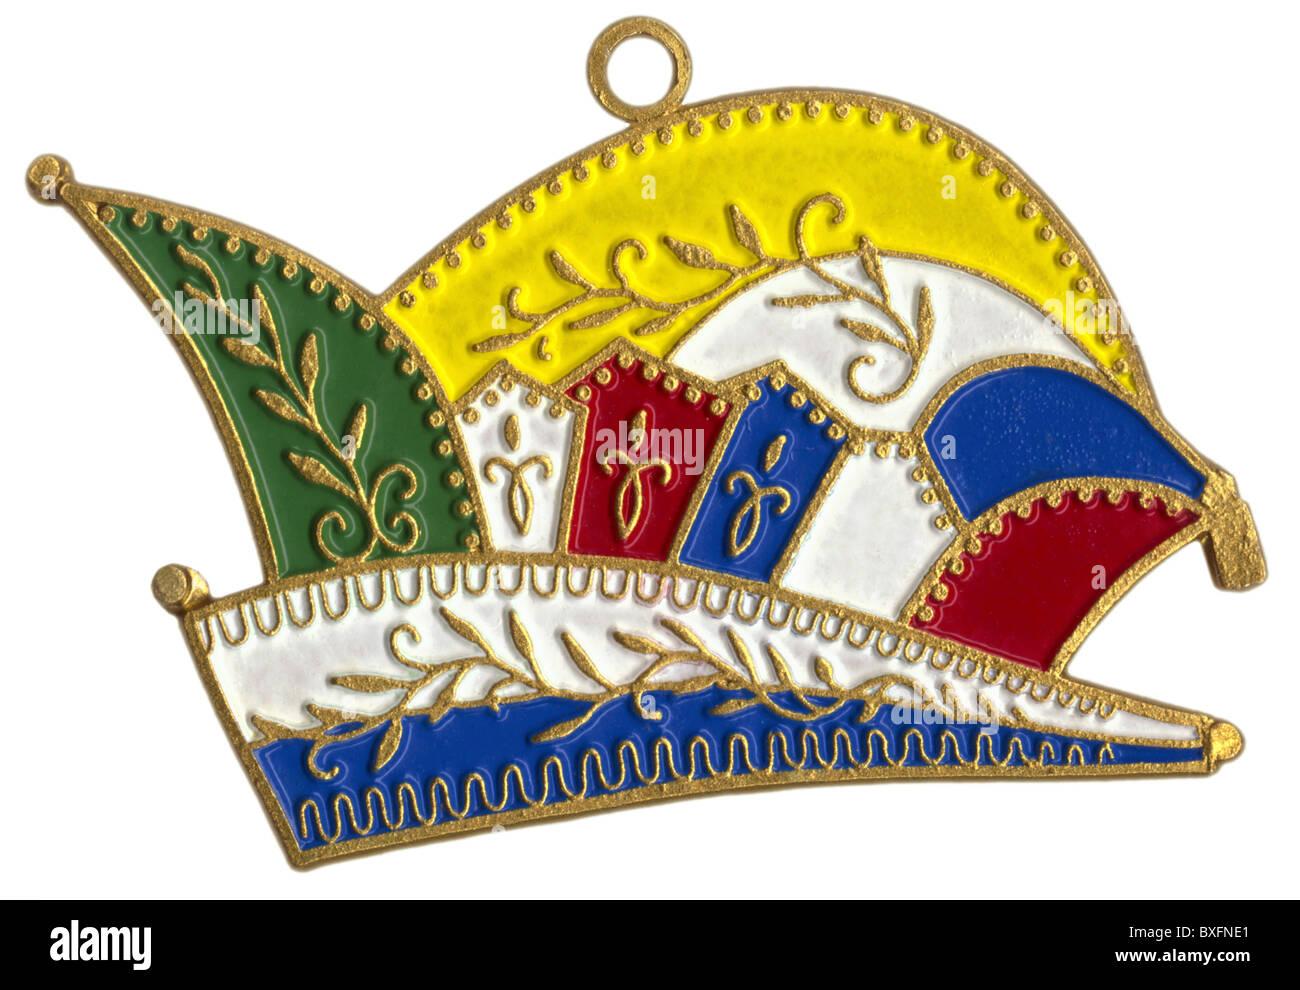 Il carnevale, duncecap, principe cap, smalto stick, degli anni ottanta, 80s, xx secolo, la storica, storica, Martedì Immagini Stock